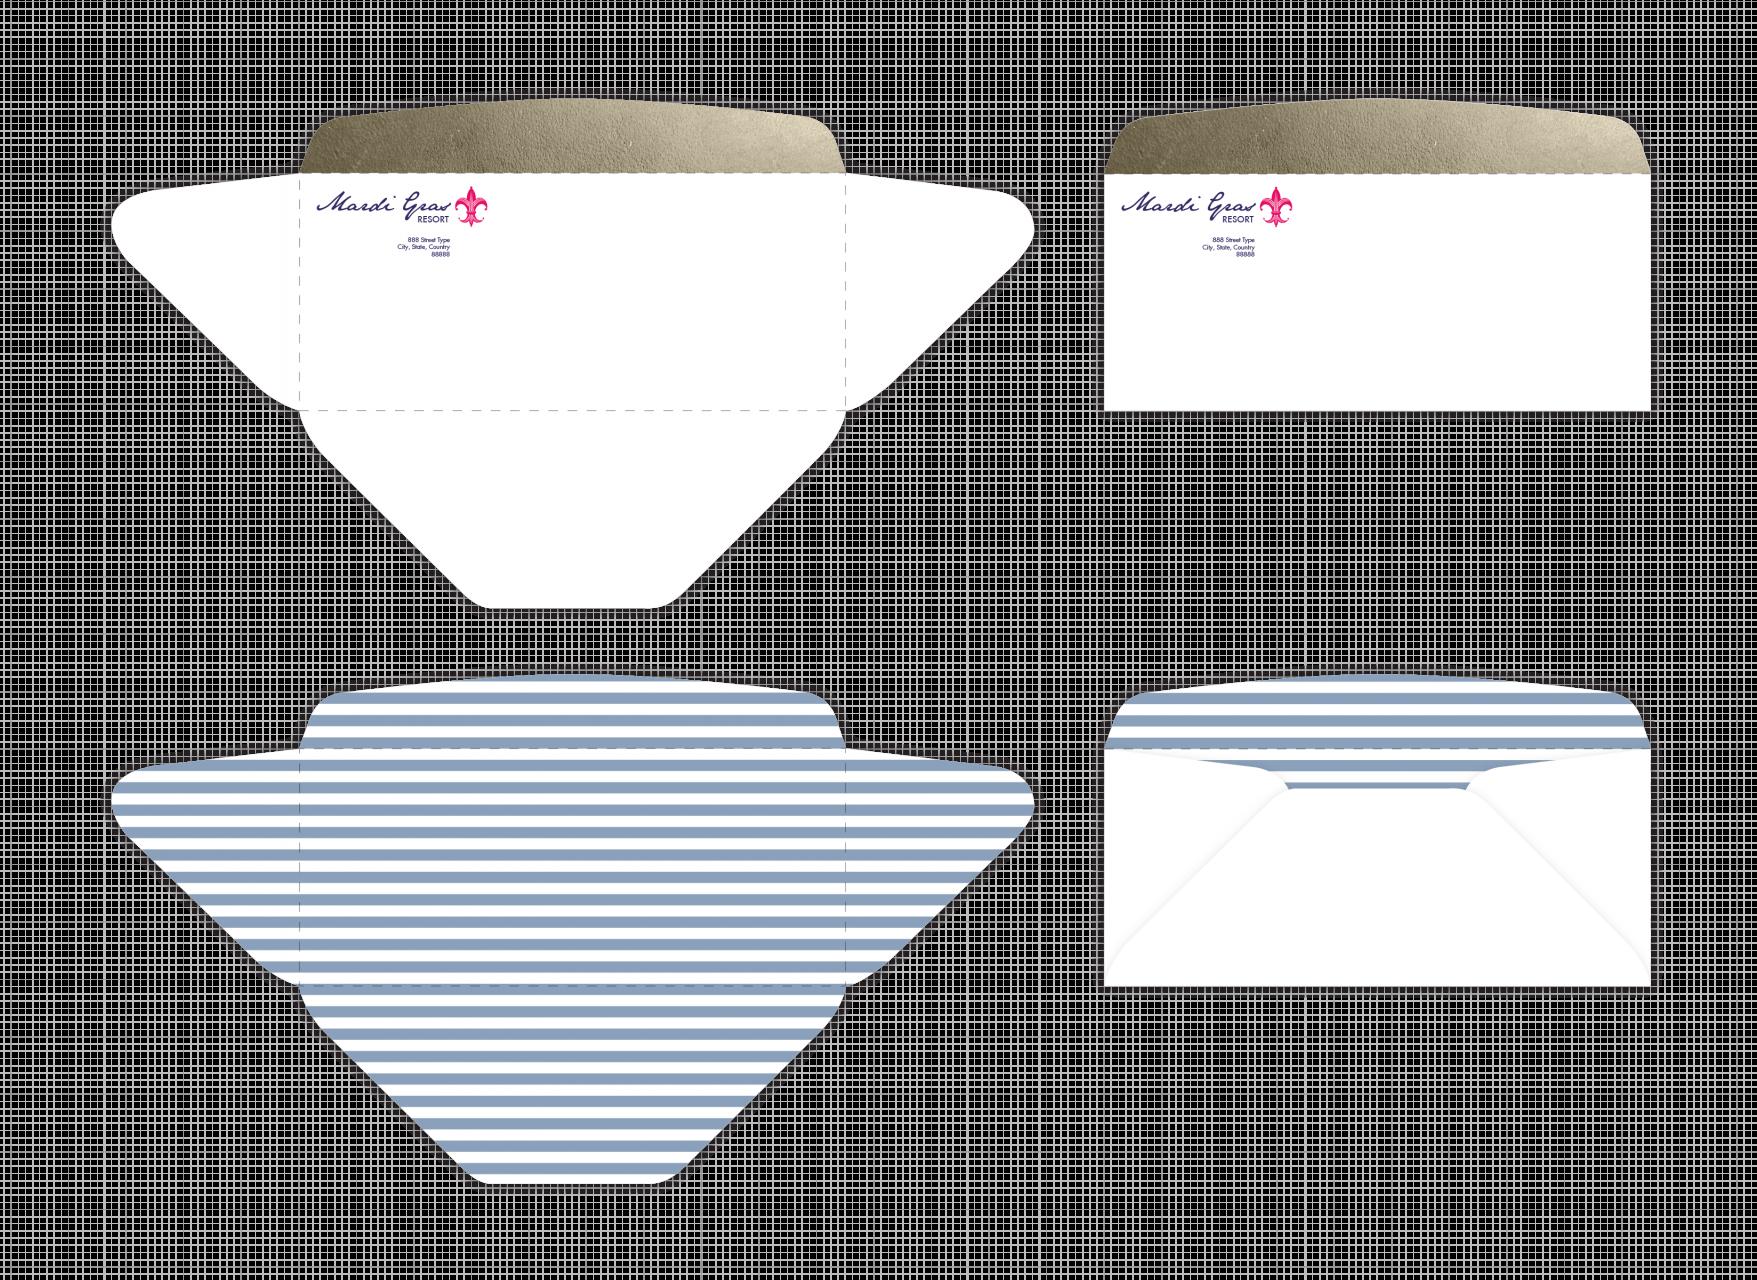 Image of Mardi Gras Resort envelope designs